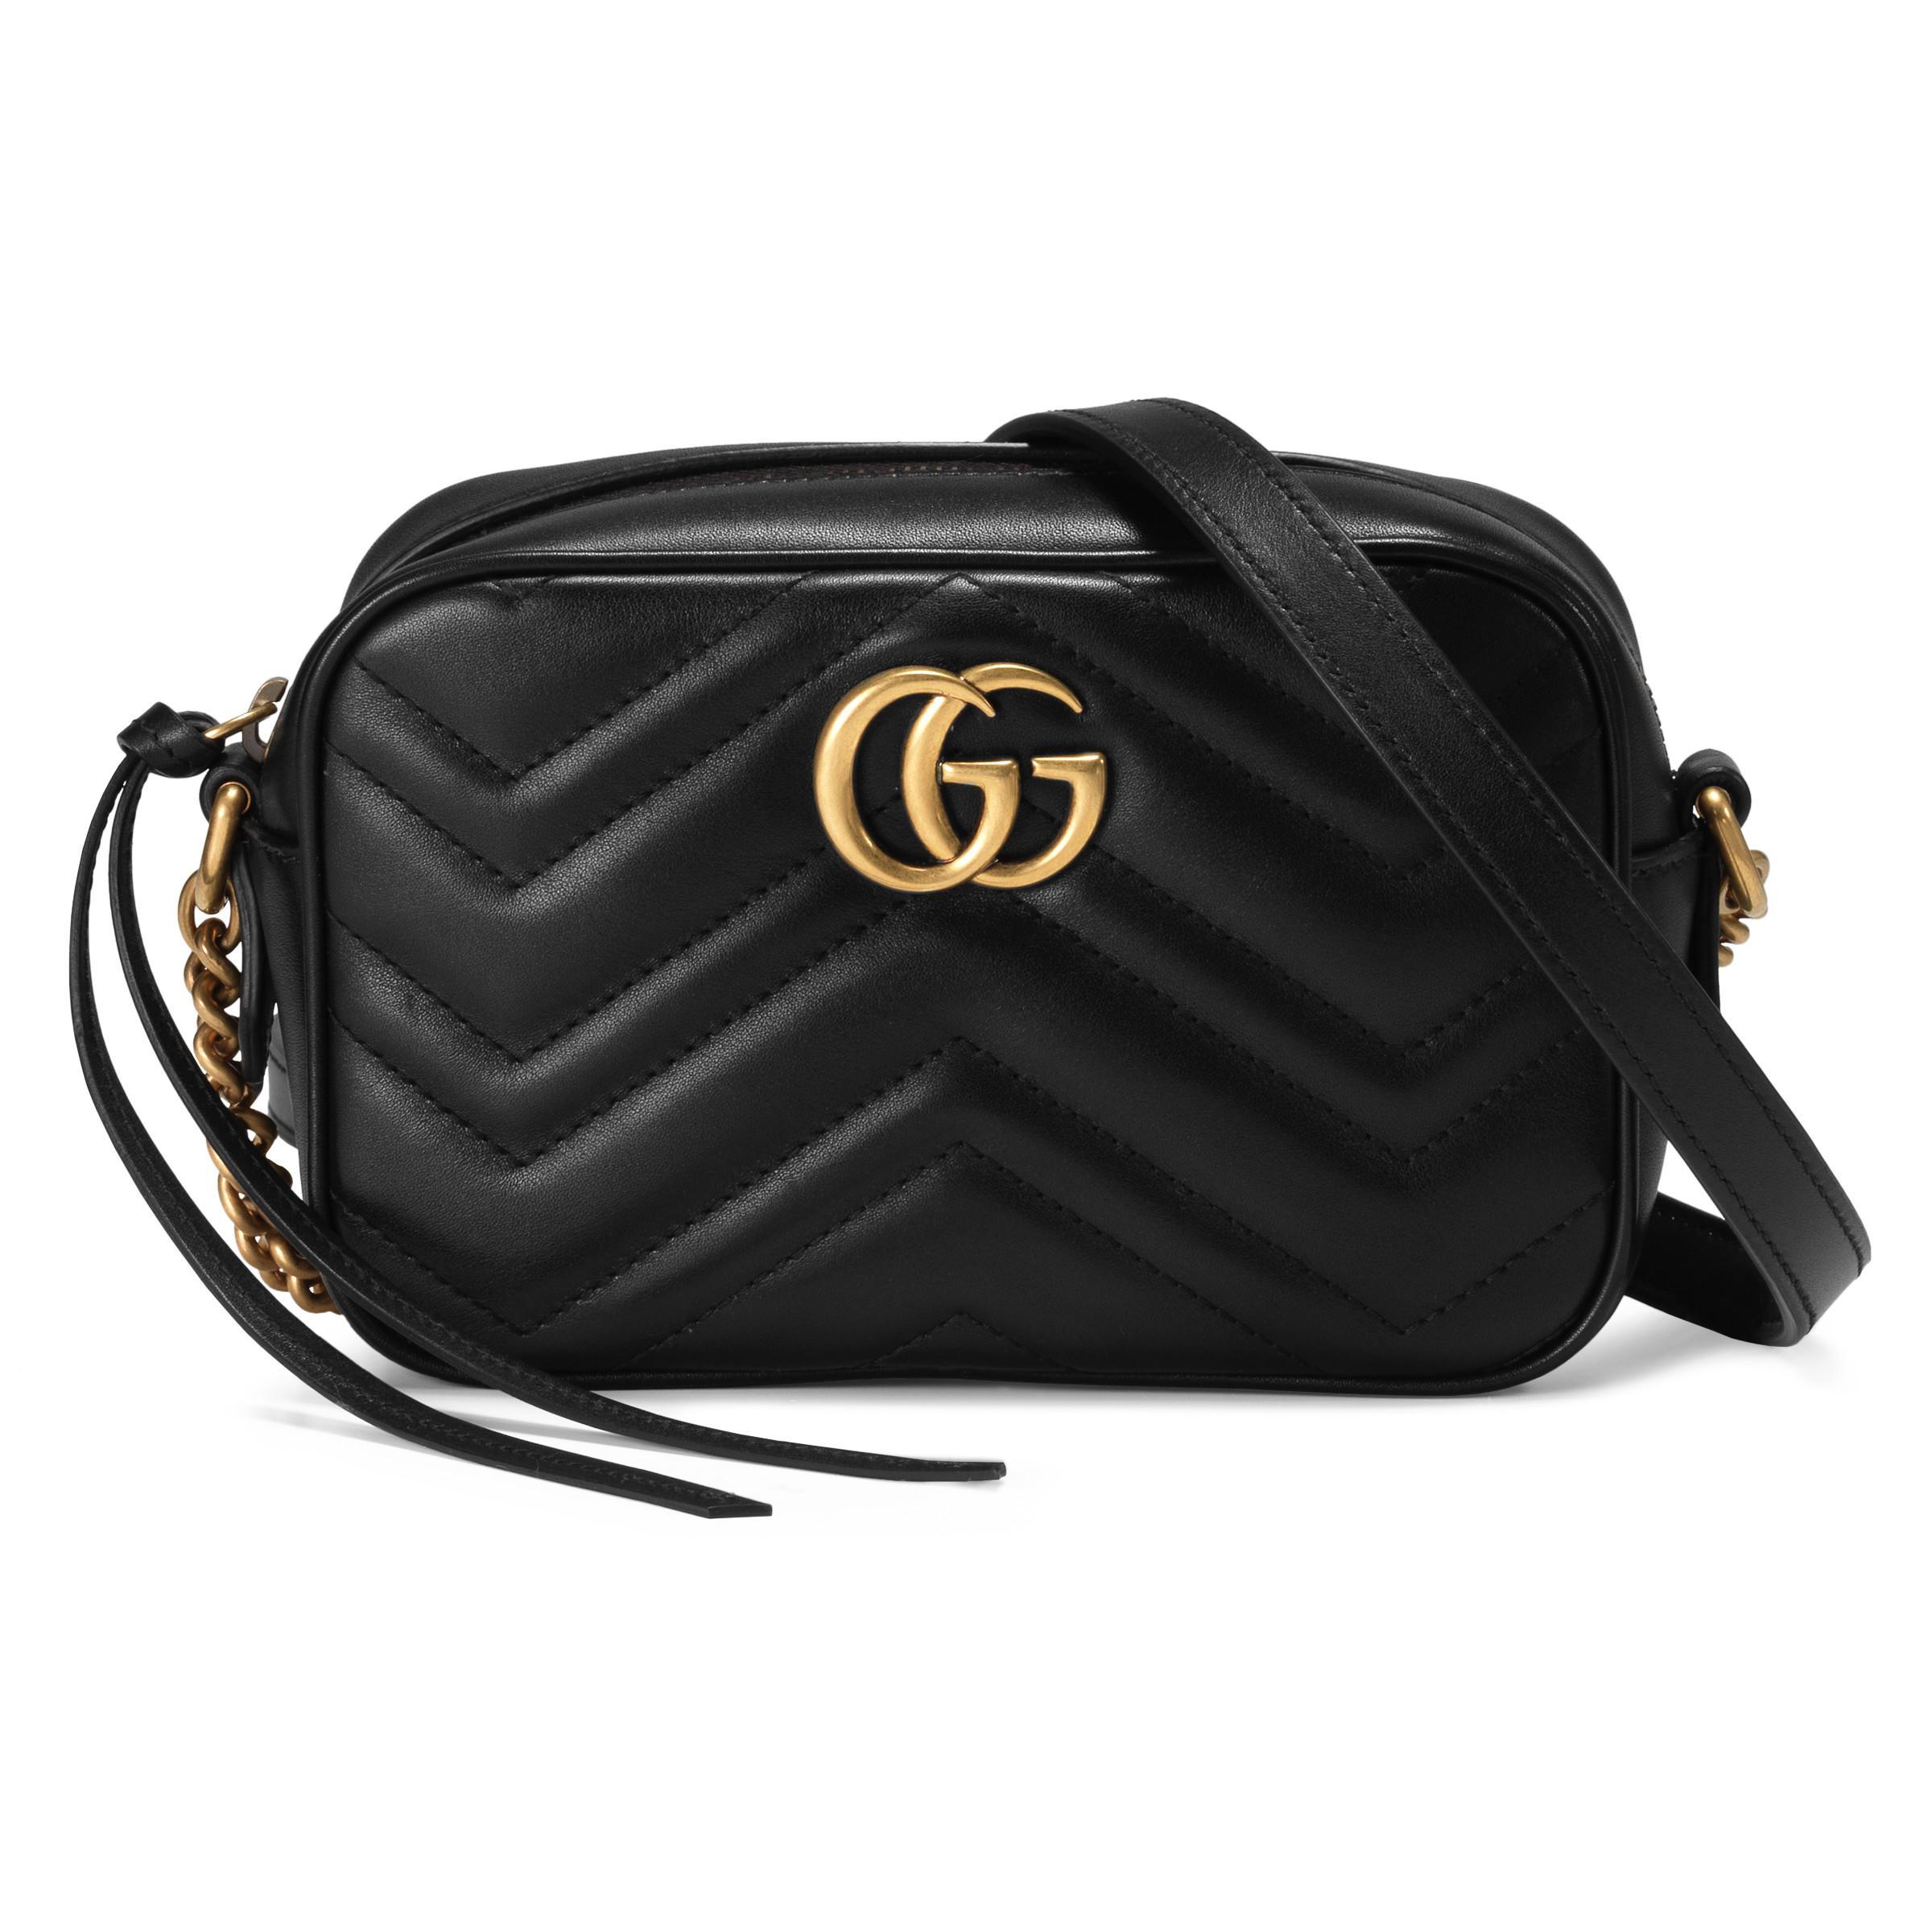 5878fdf88a4 Lyst - Mini sac GG Marmont matelassé Gucci en coloris Noir